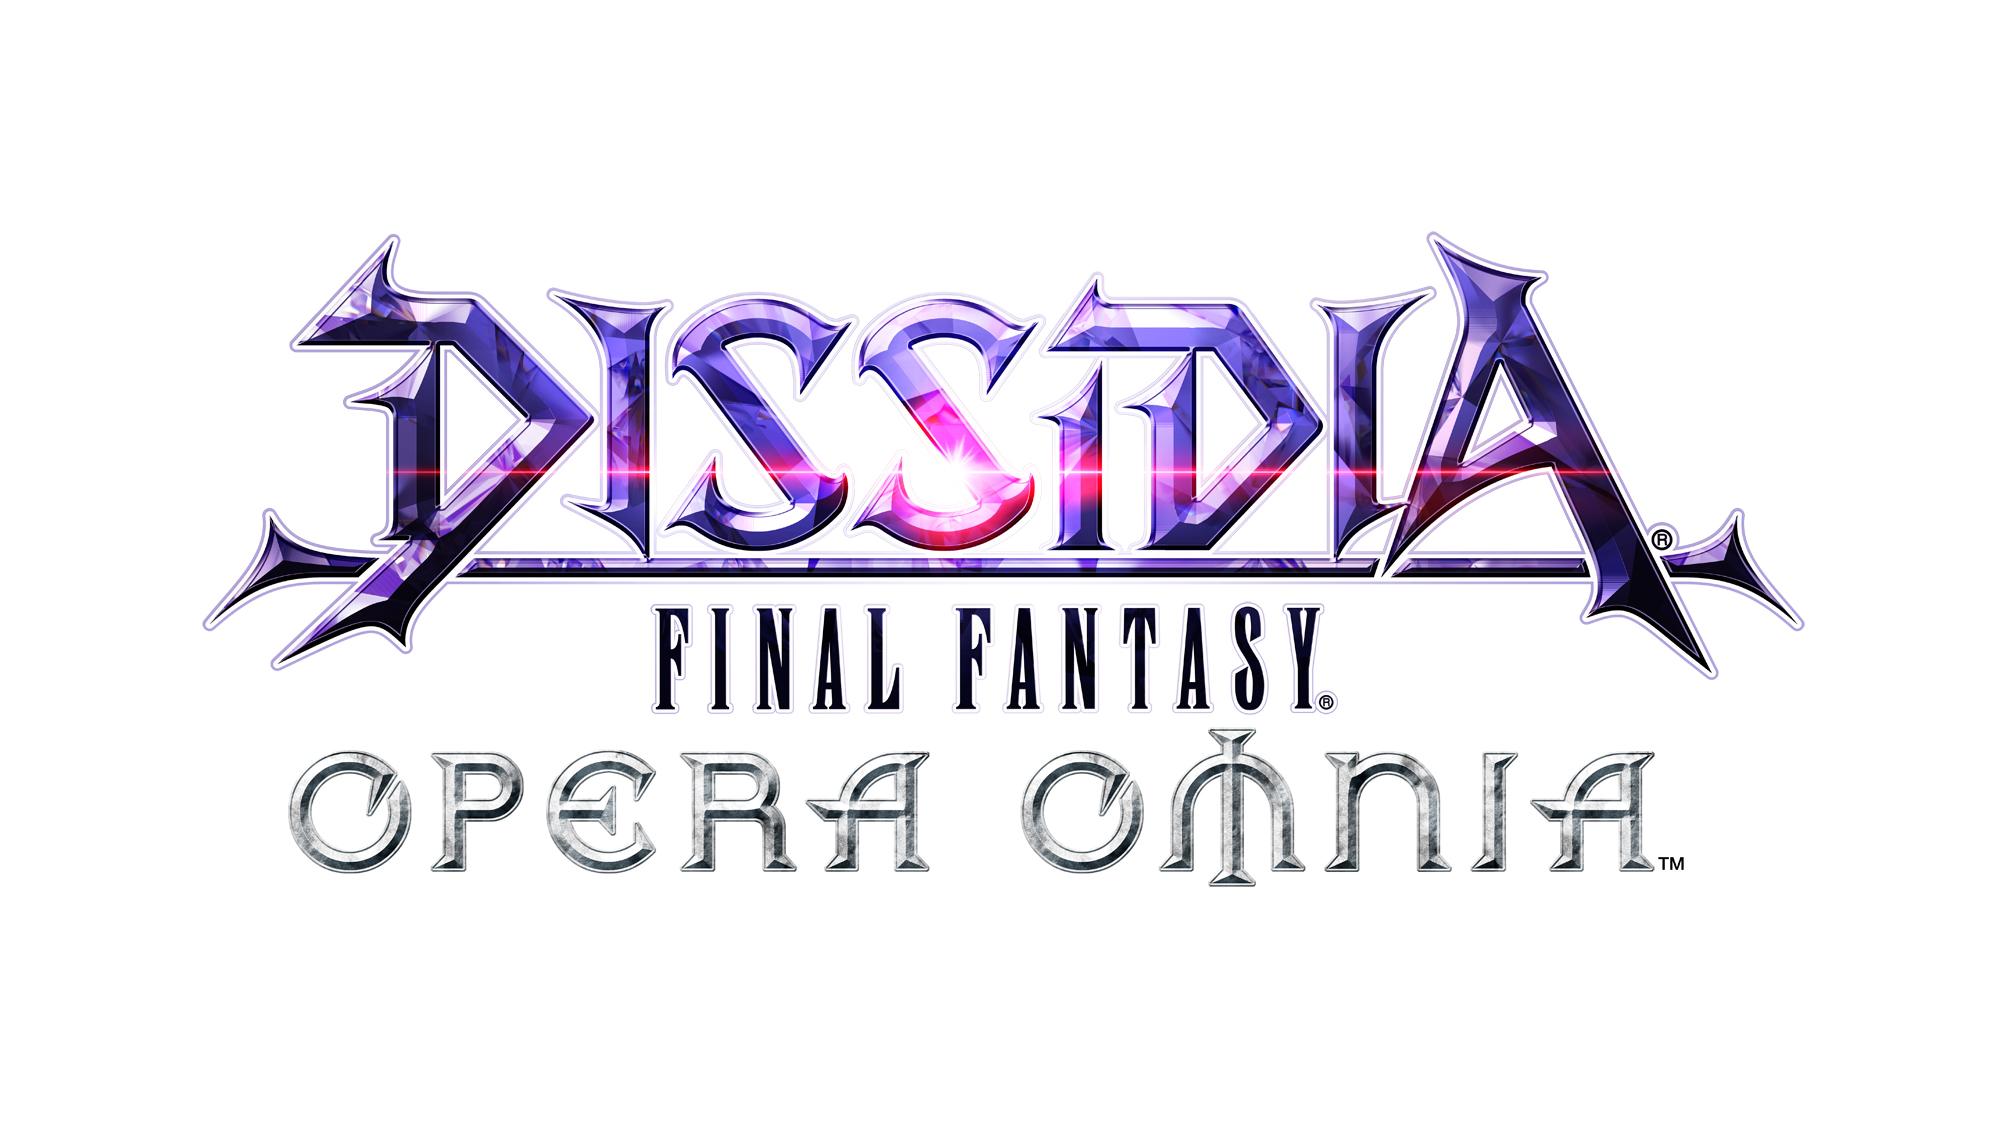 Lancio occidentale per Dissidia Opera Omnia a Gennaio!